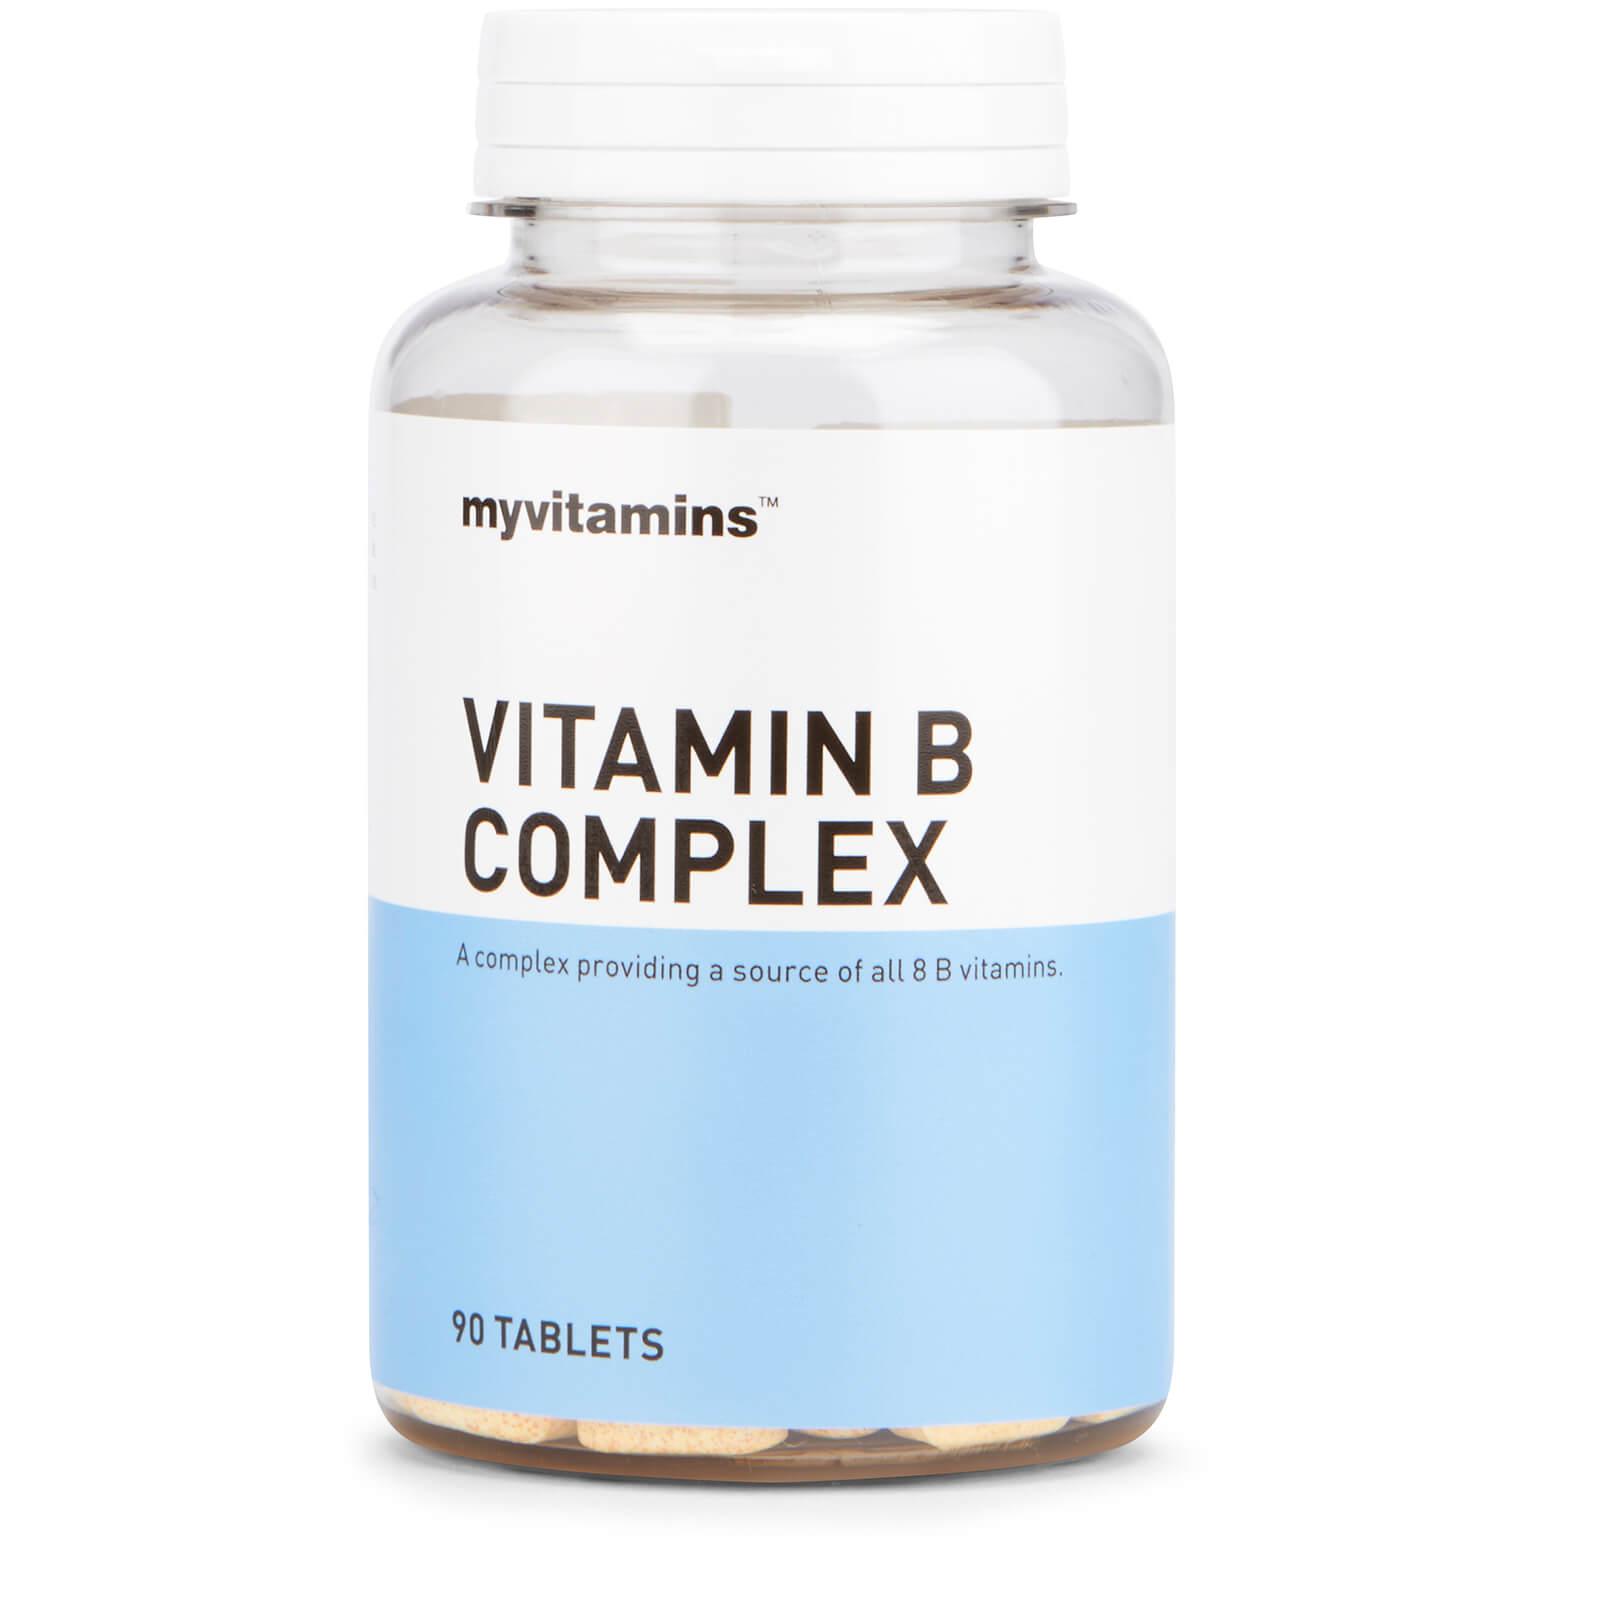 B VITAMIN 3